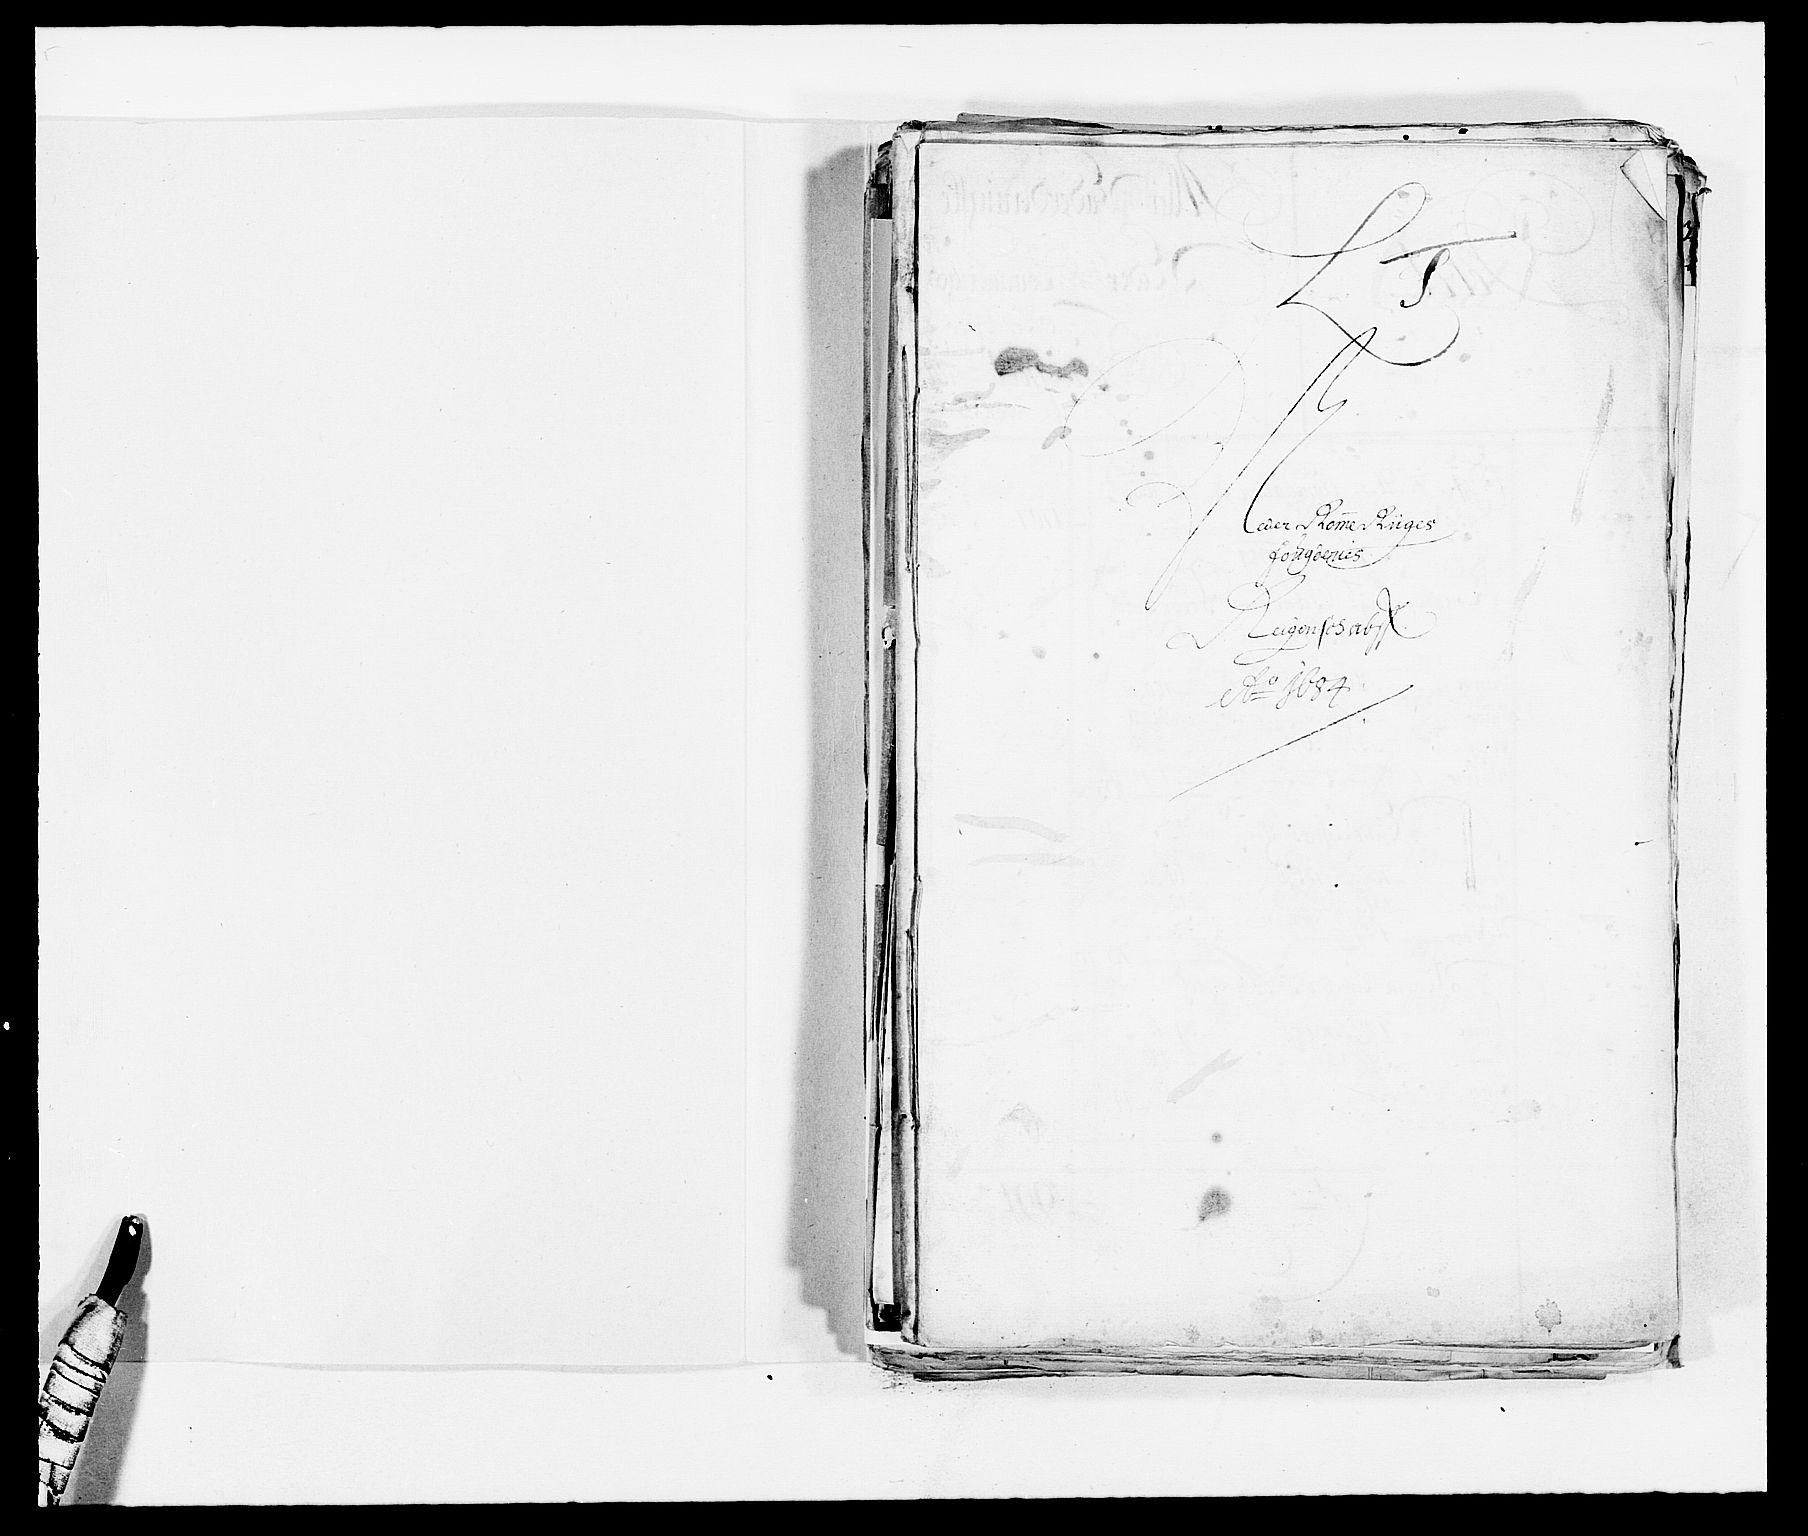 RA, Rentekammeret inntil 1814, Reviderte regnskaper, Fogderegnskap, R11/L0571: Fogderegnskap Nedre Romerike, 1683-1685, s. 163